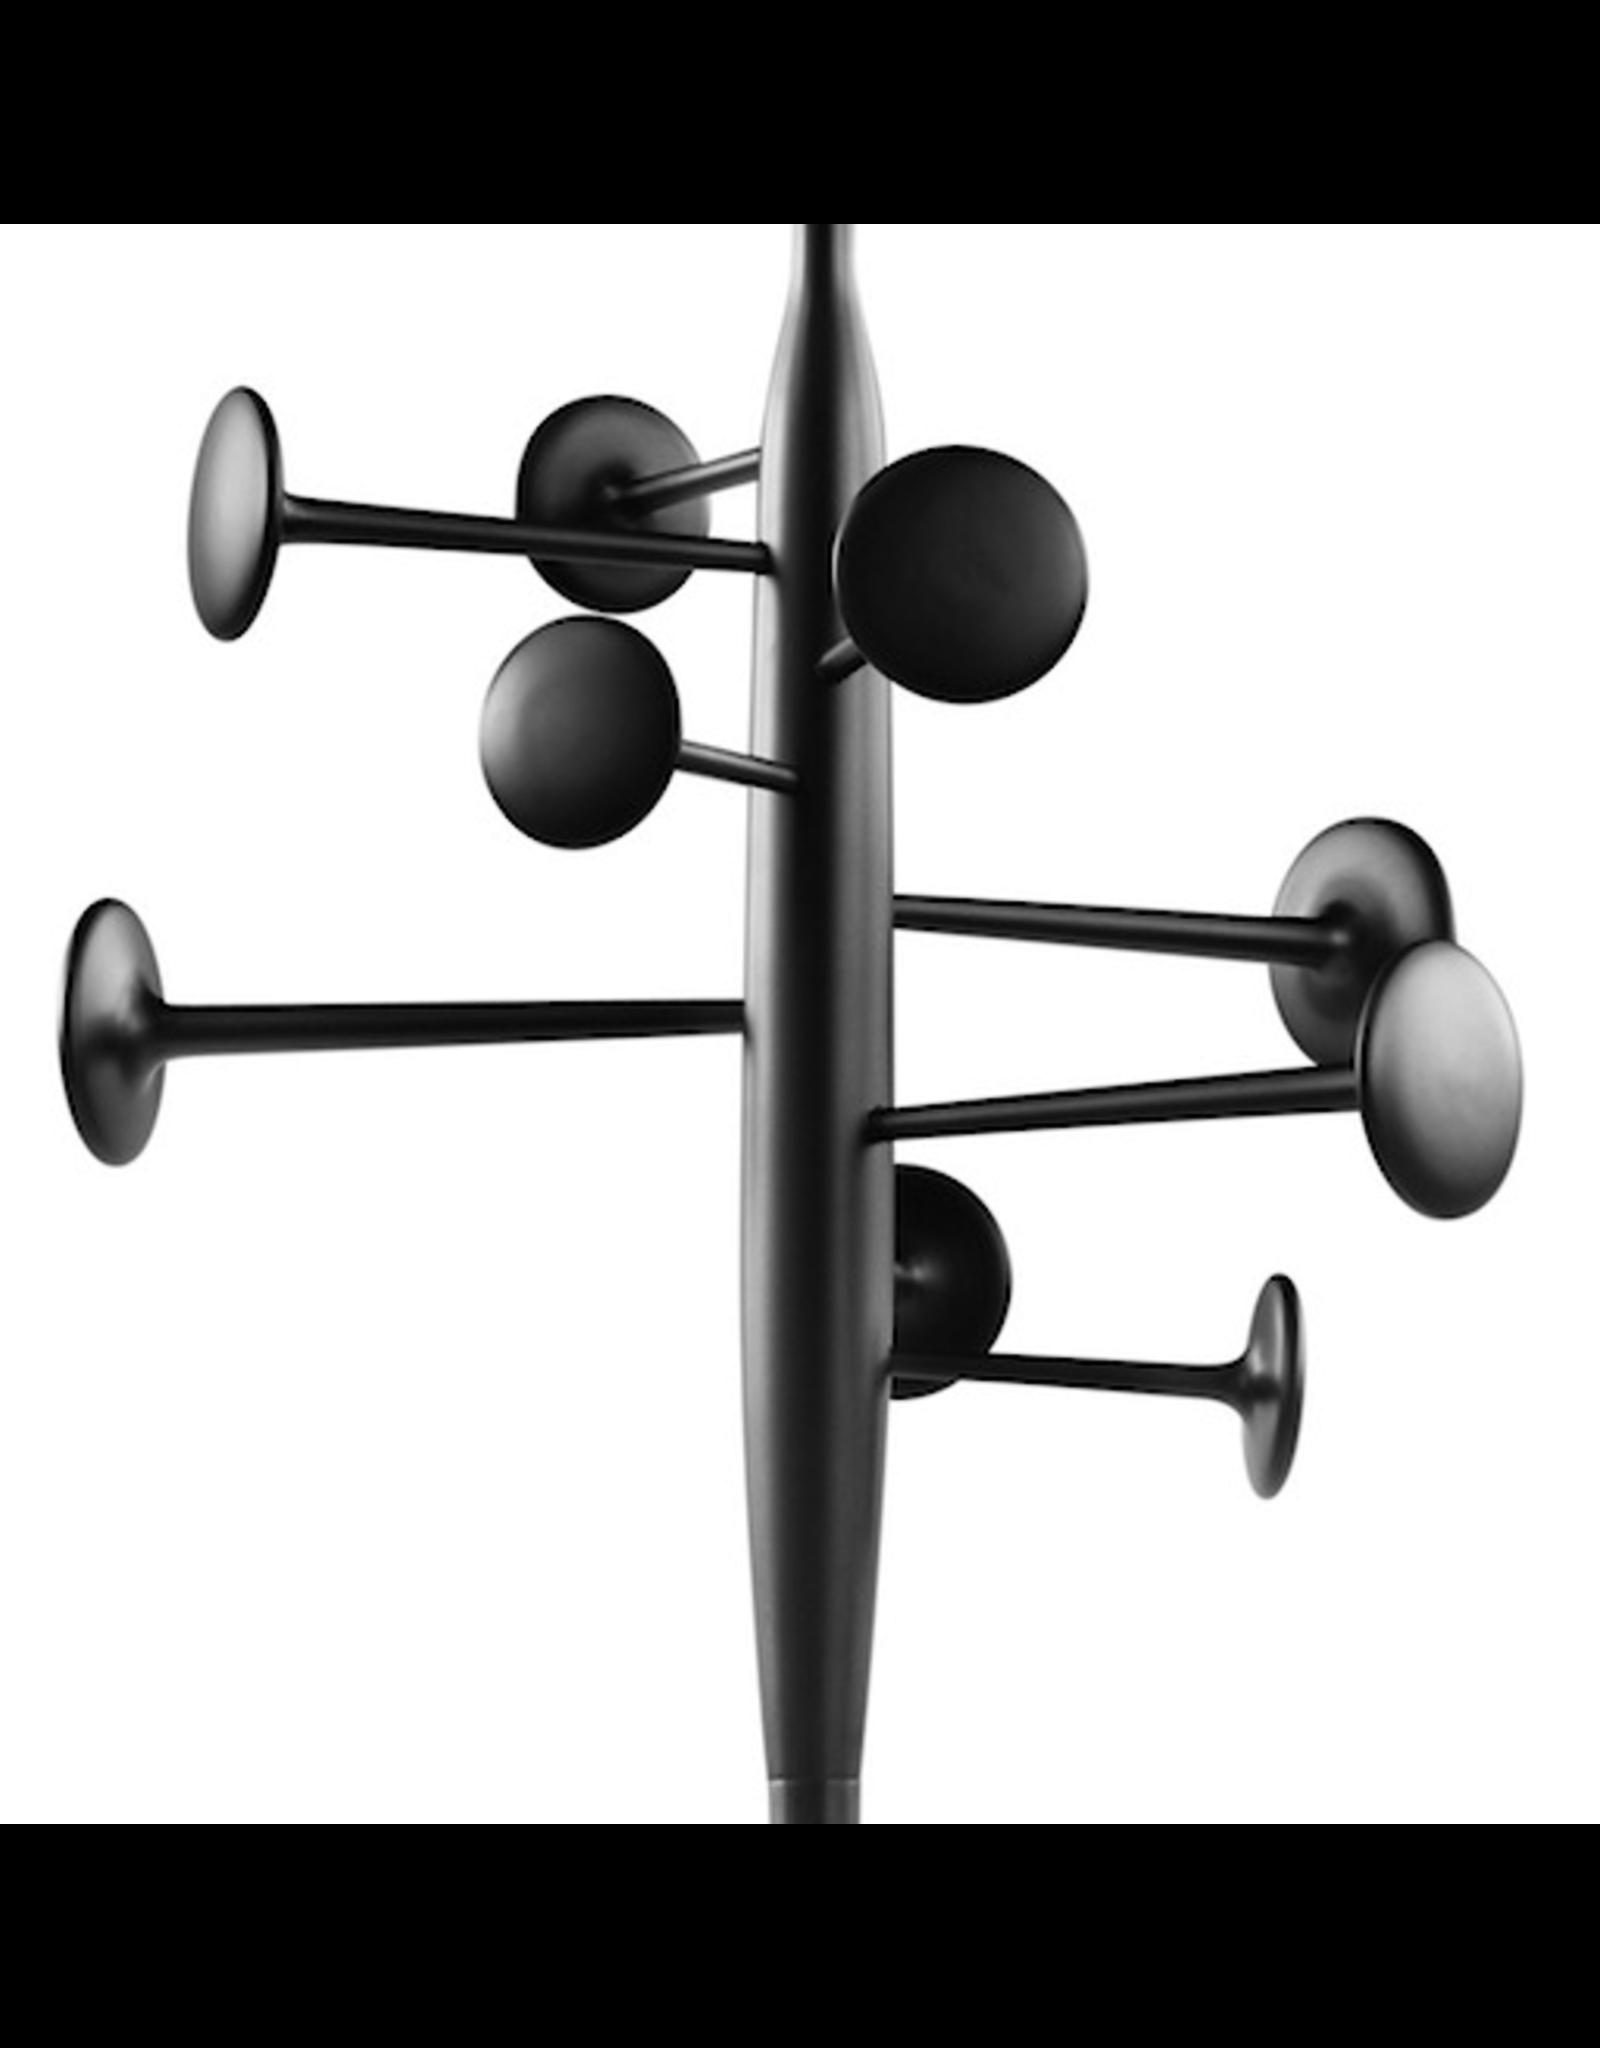 TRUMPET COATSTAND IN BLACK POWDERCOATED